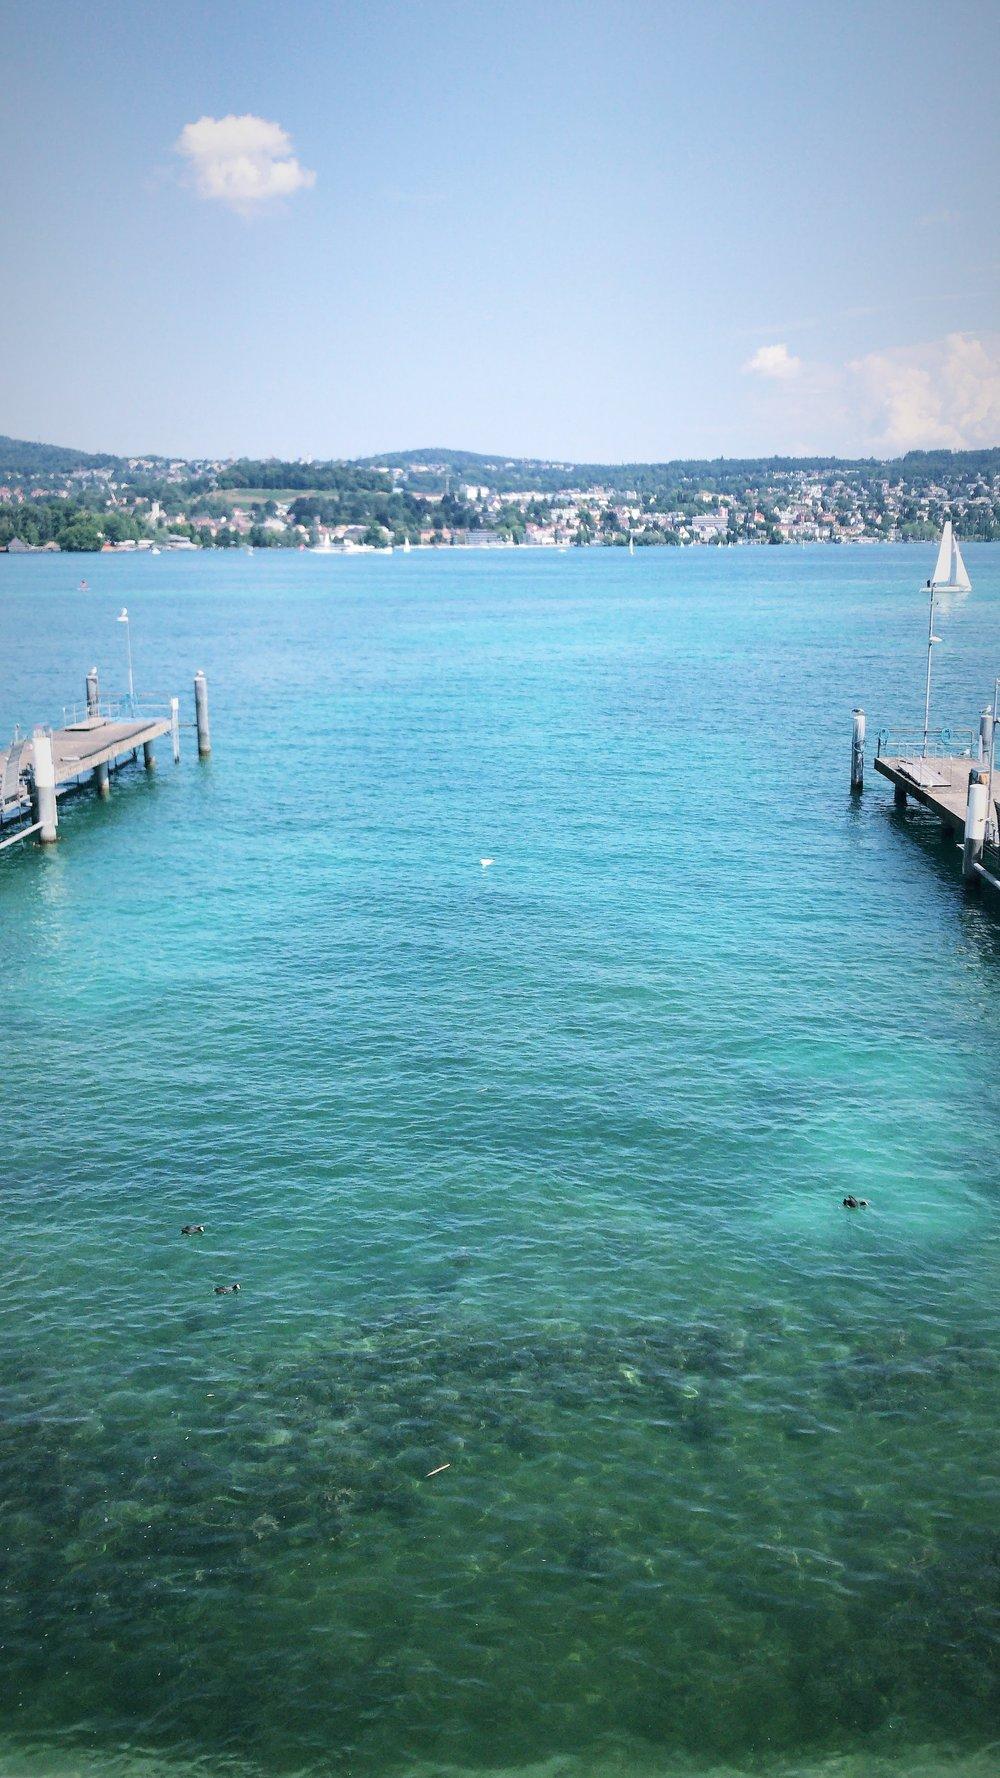 Lake Zurich in the summer